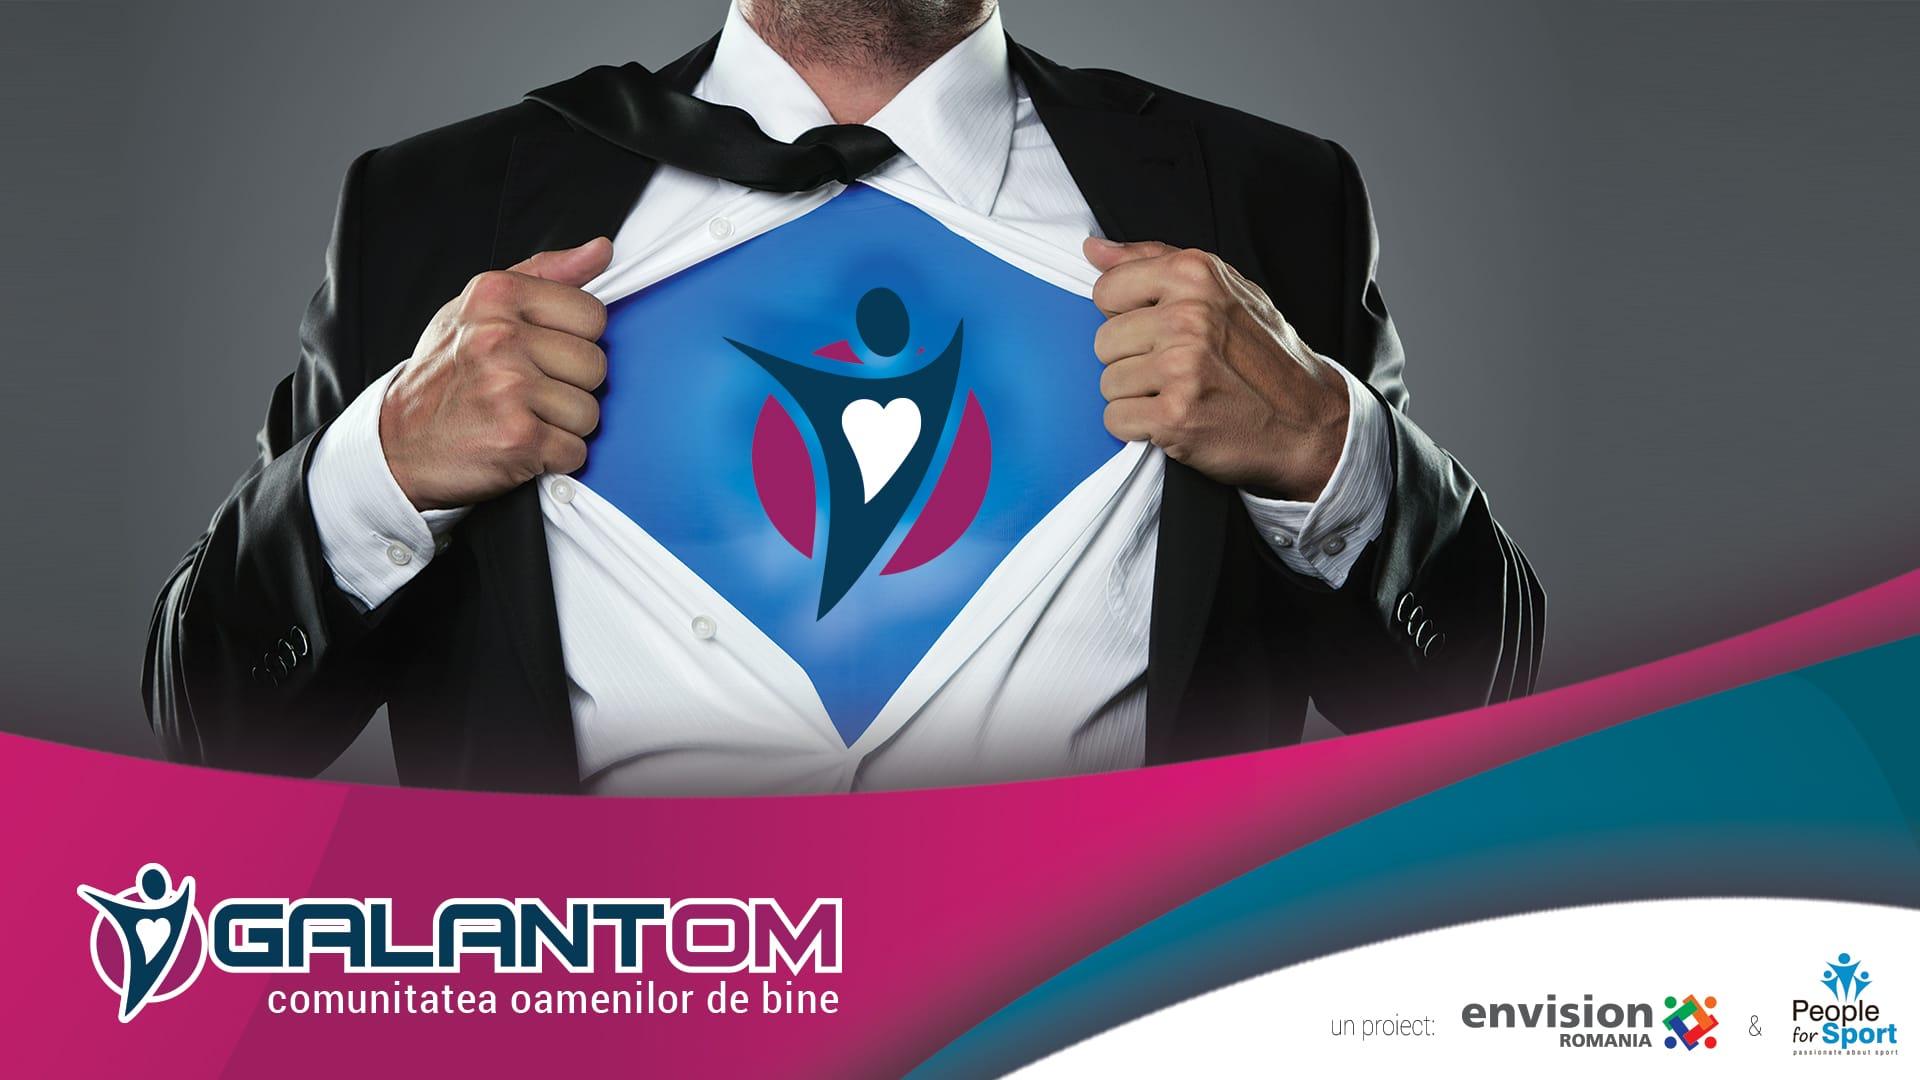 Platforma Galantom.ro atinge pragul de donații  de un milion de euro, după 4 ani